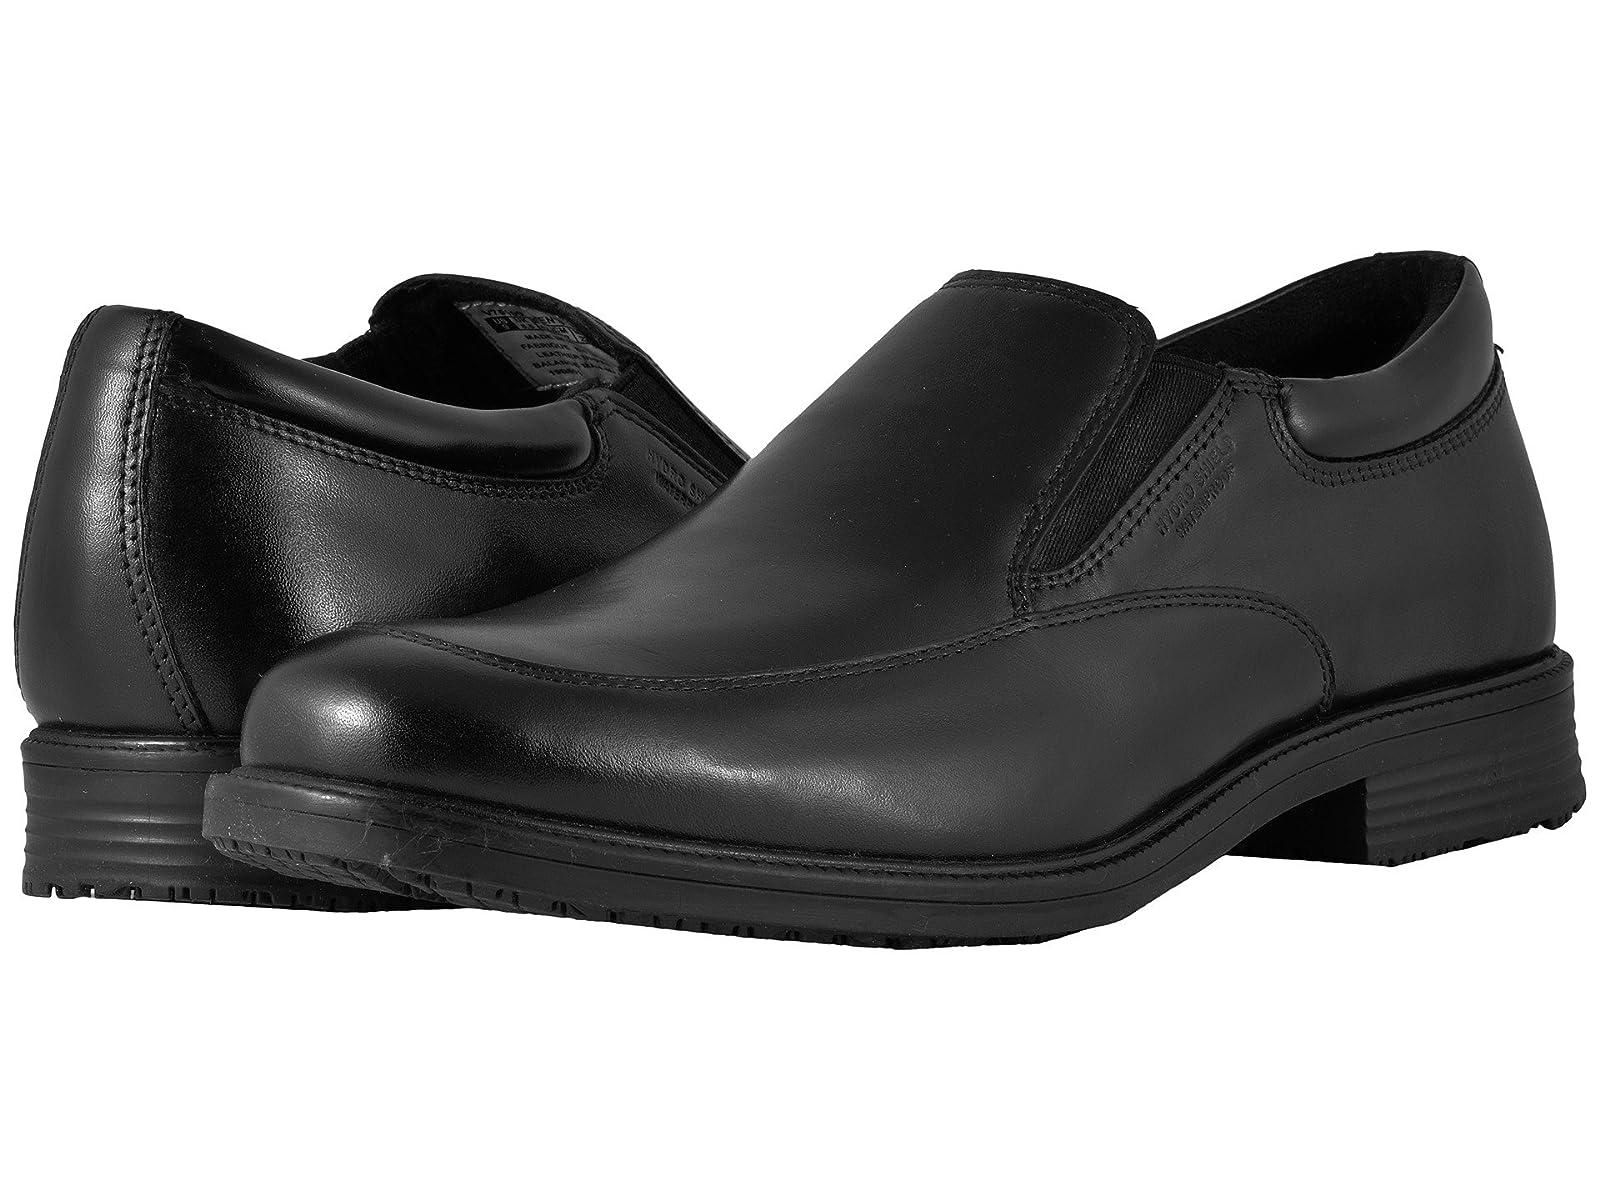 Rockport Essential Details Waterproof  Slip OnAtmospheric grades have affordable shoes